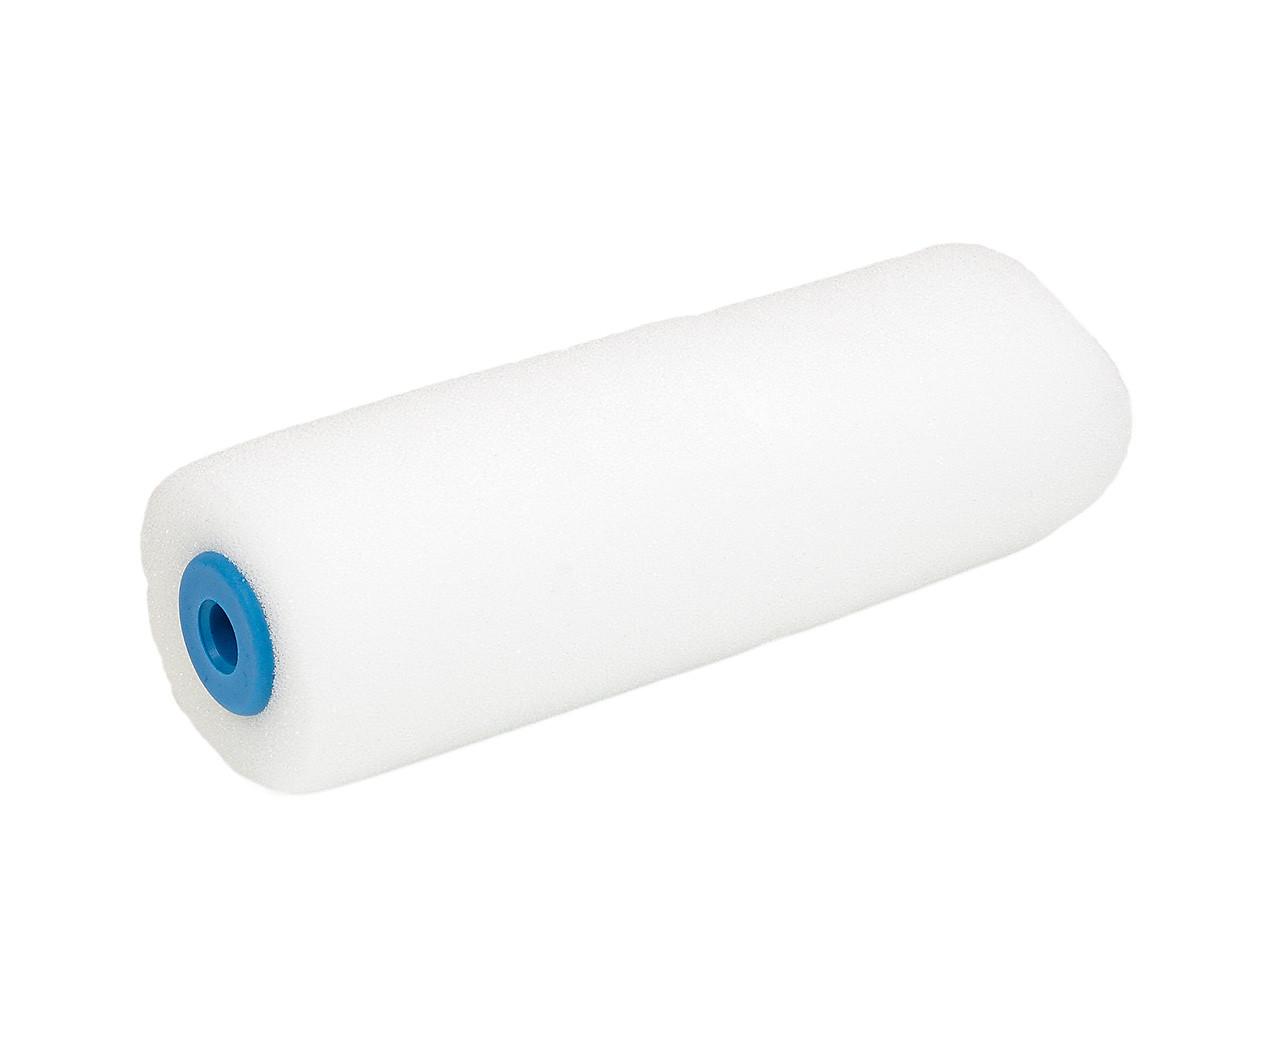 Валик поролоновый Polax Foam rubber 6 X 50 X150 мм (1-07)